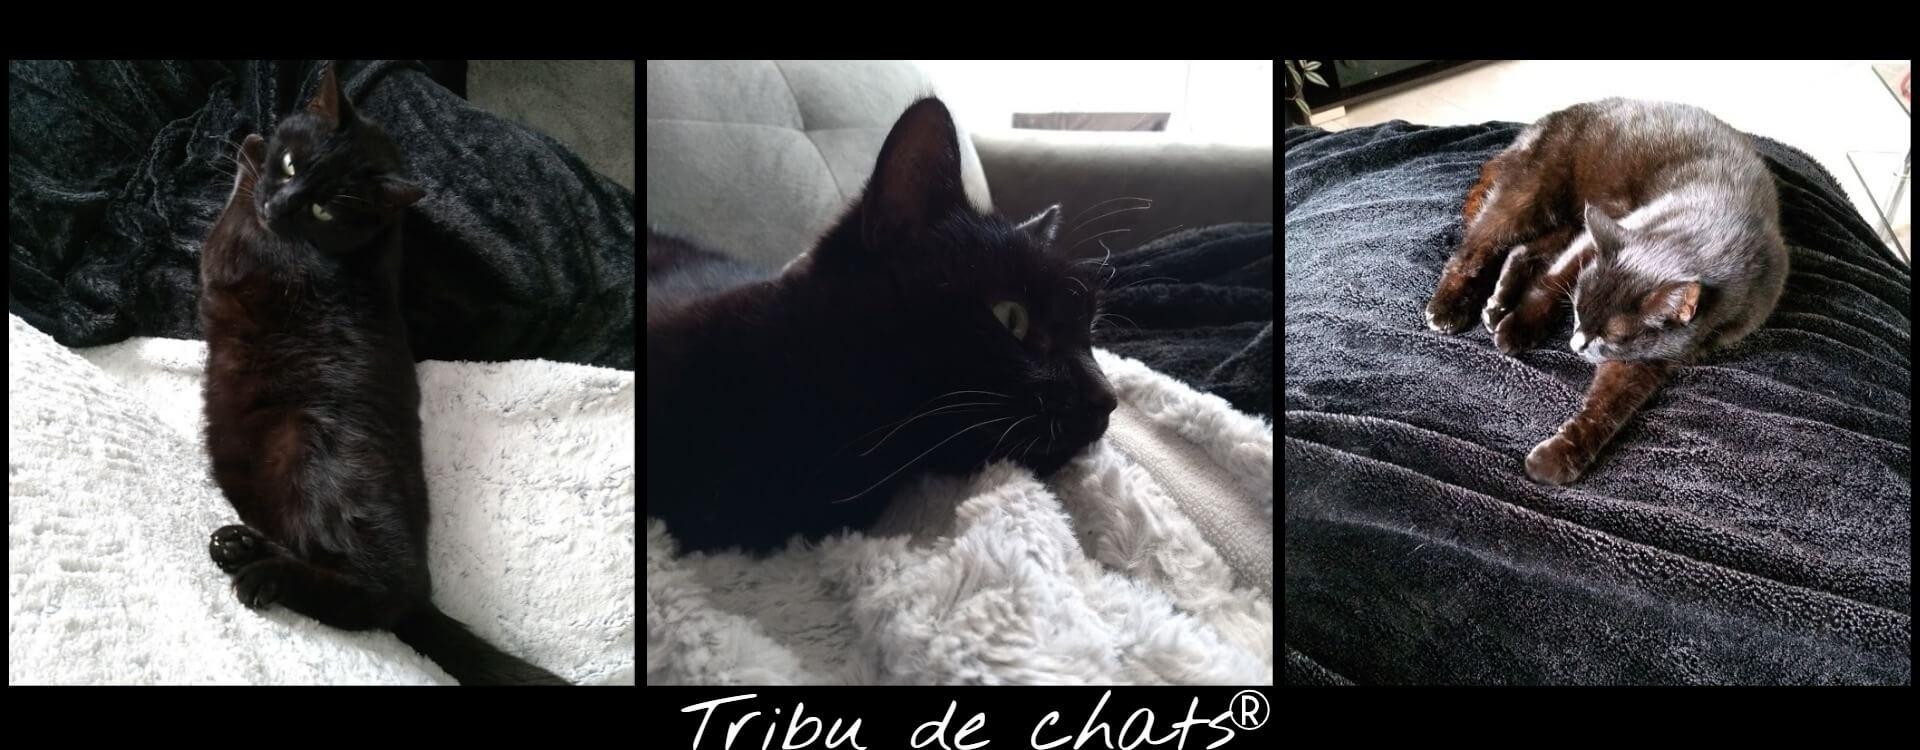 Panthère_de_la_Tribu_de_chats_sinstalle_et_devient_un_chat_de_maison